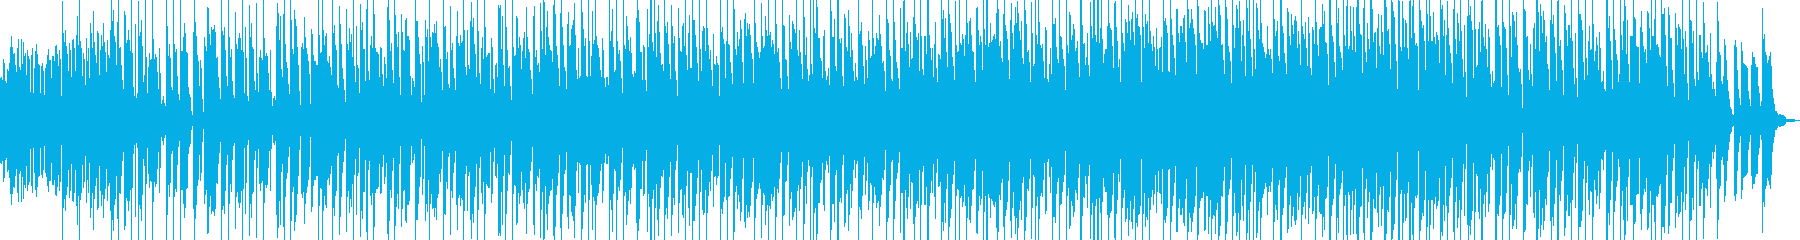 ハウス ダンス プログレッシブ バ...の再生済みの波形